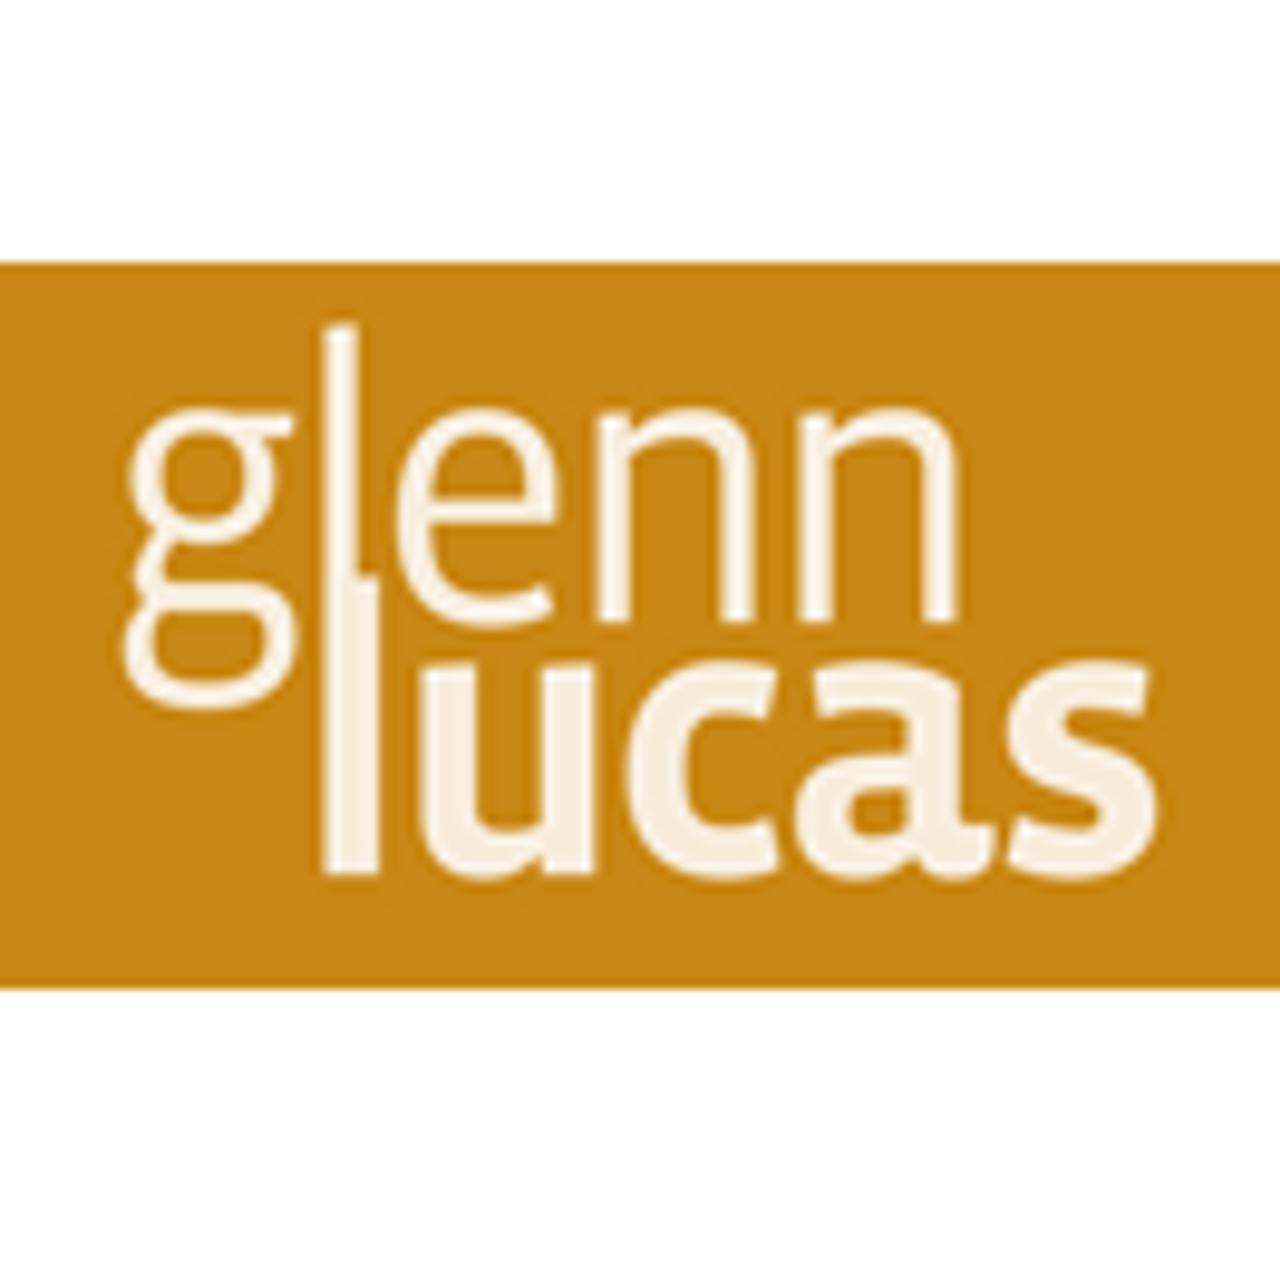 Glenn Lucas